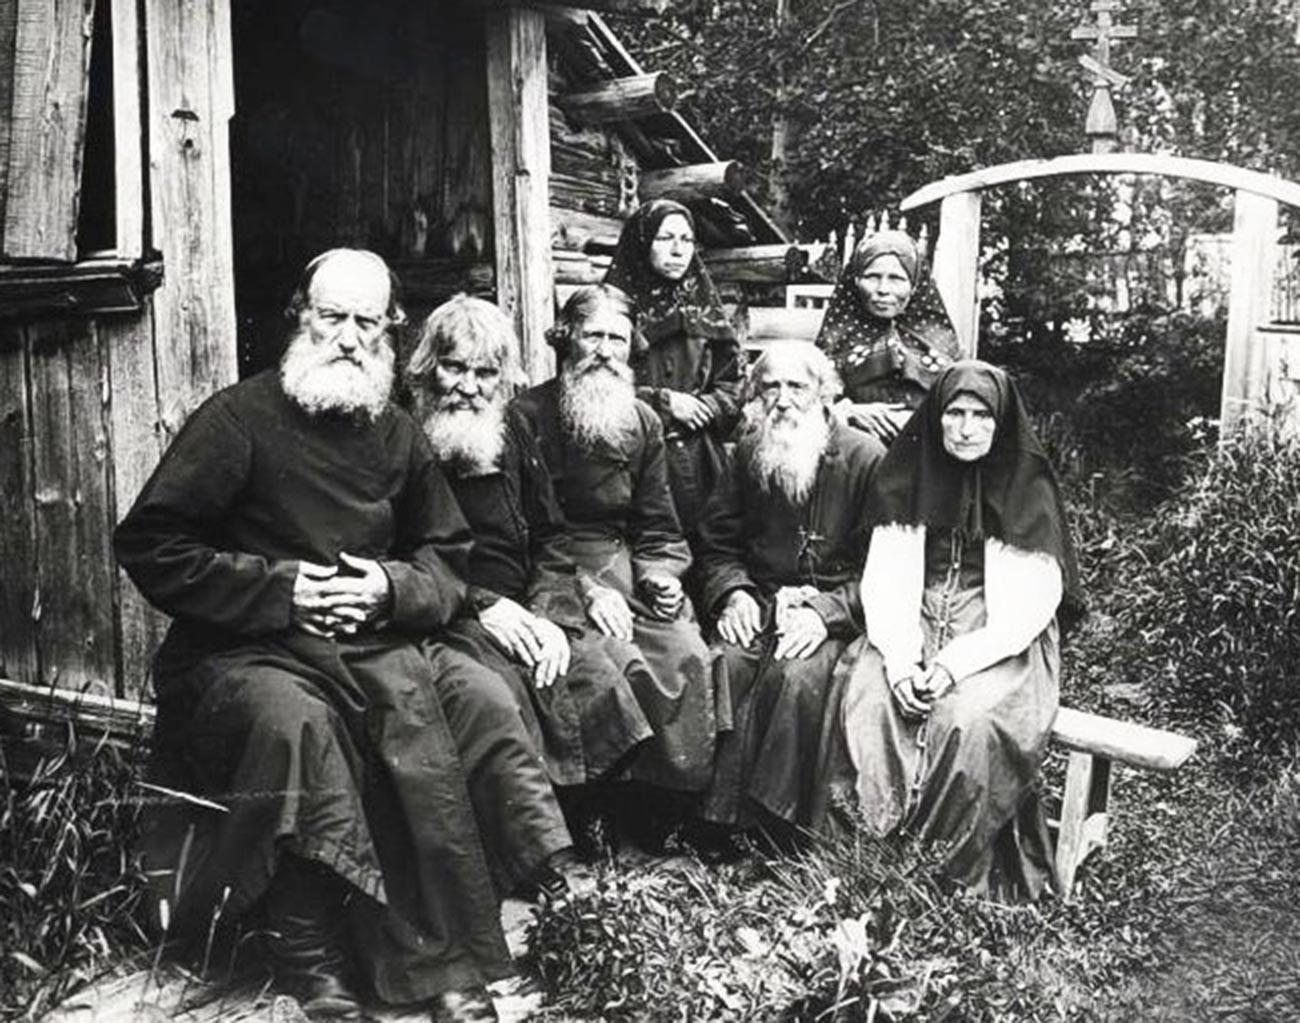 Eine Gruppe der Altgläubigen im 19. Jahrhundert